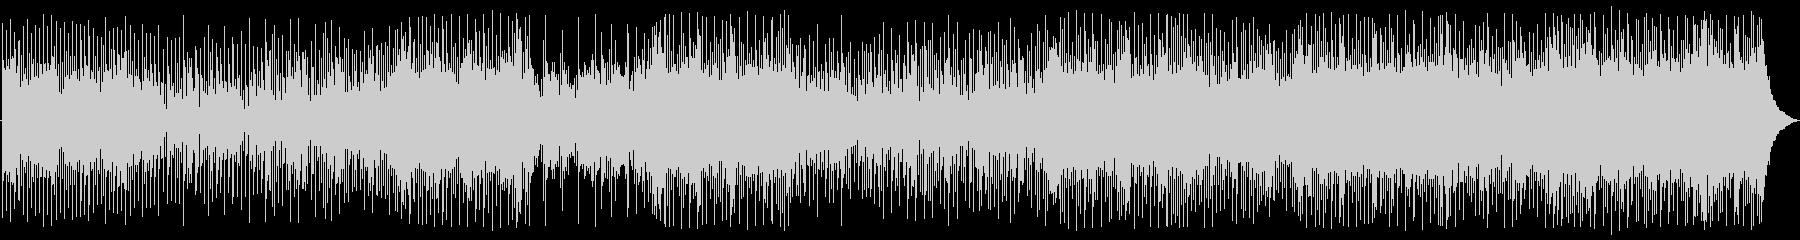 ギラー、ドブロ、マンドリン、ピアノ...の未再生の波形